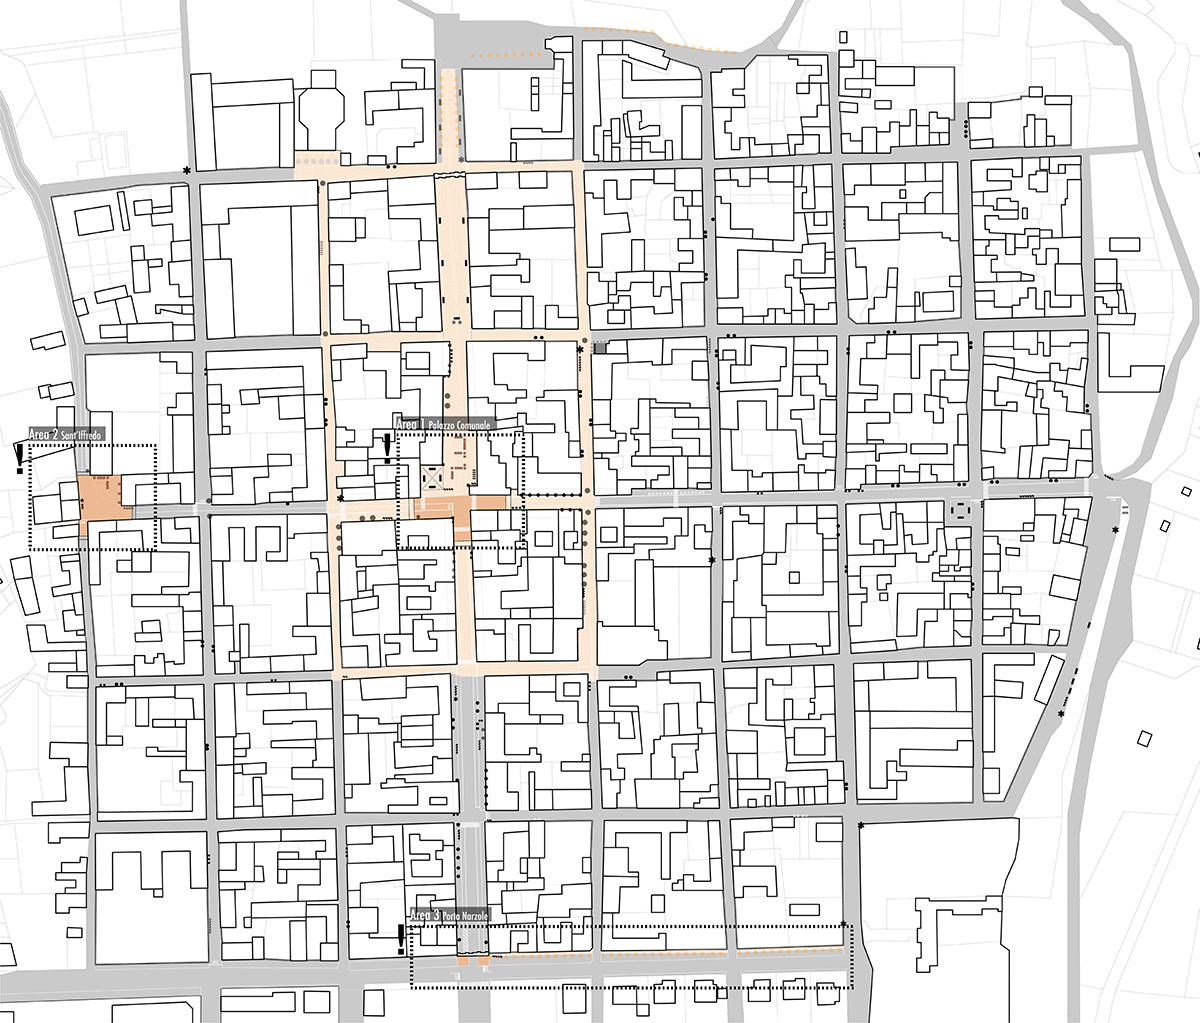 DAR-Architettura_Piano-dell_arredo-urbano03